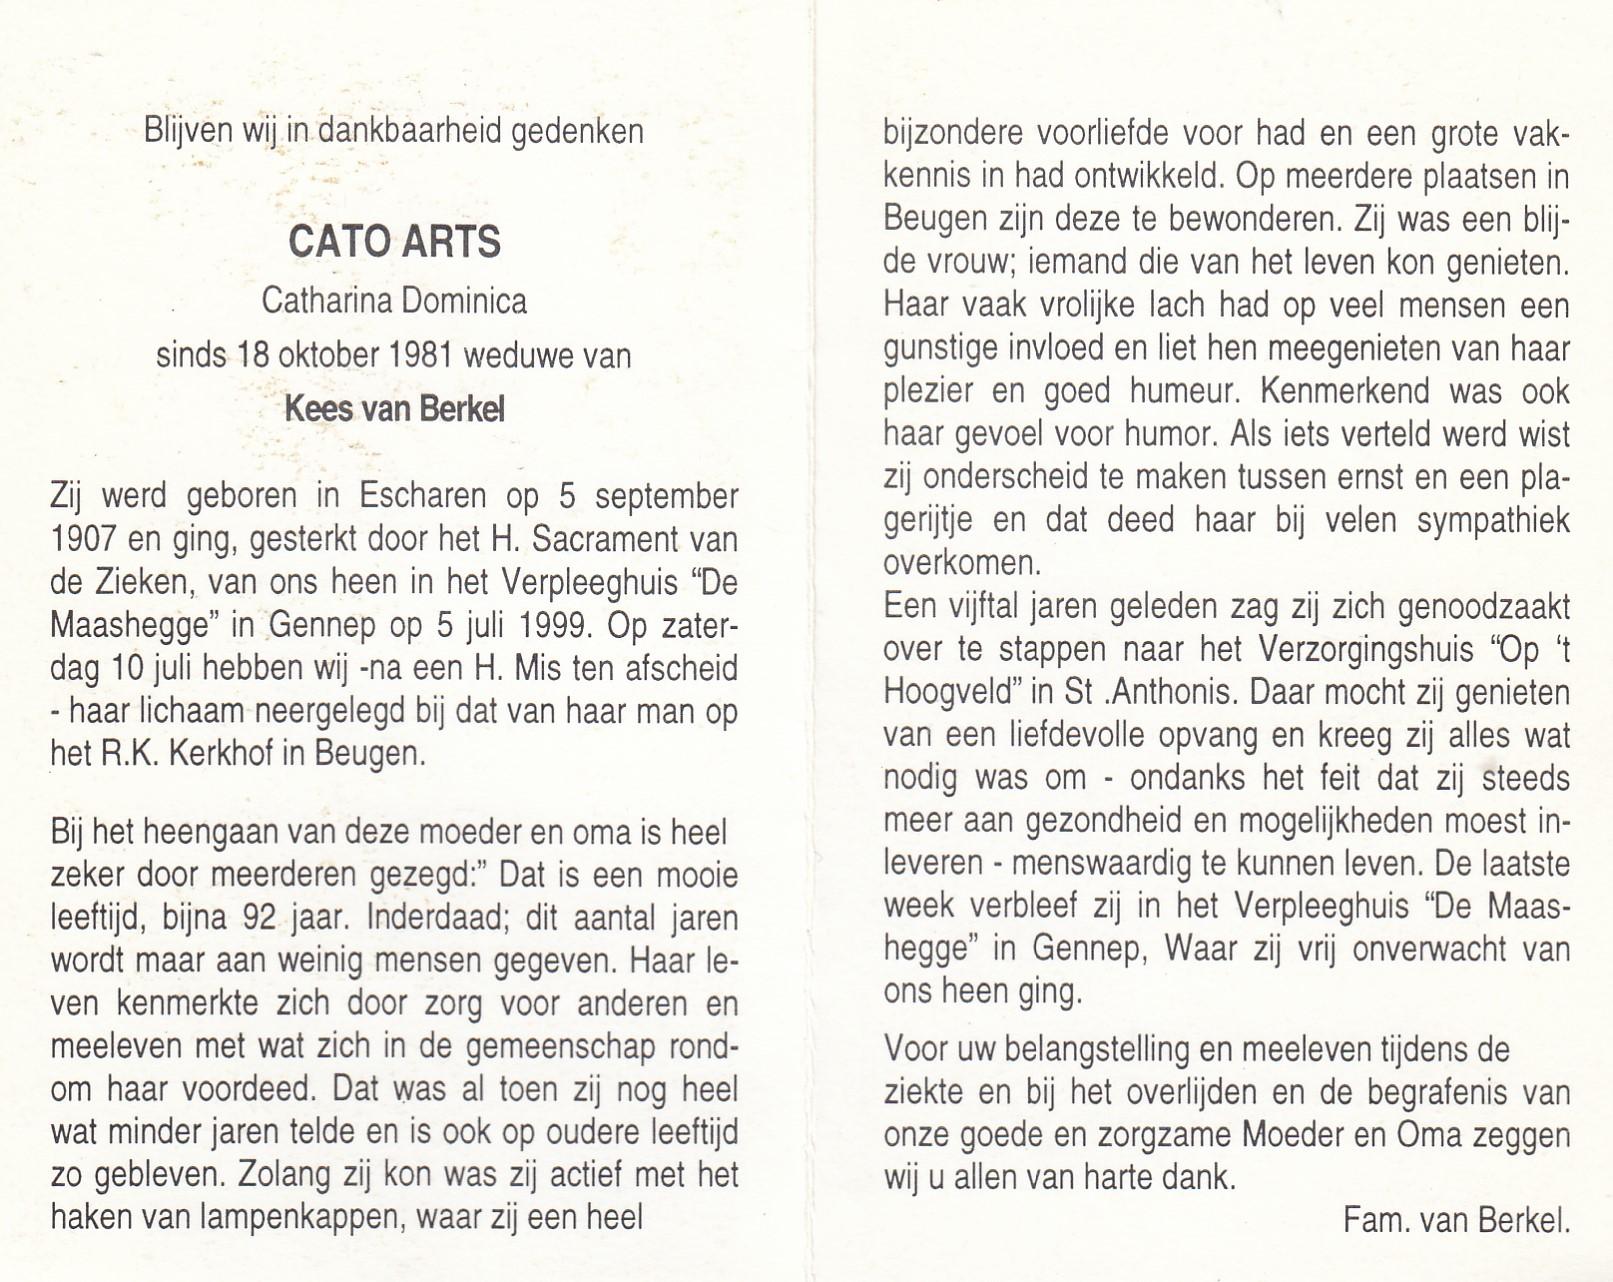 Bidprentje Cato Arts